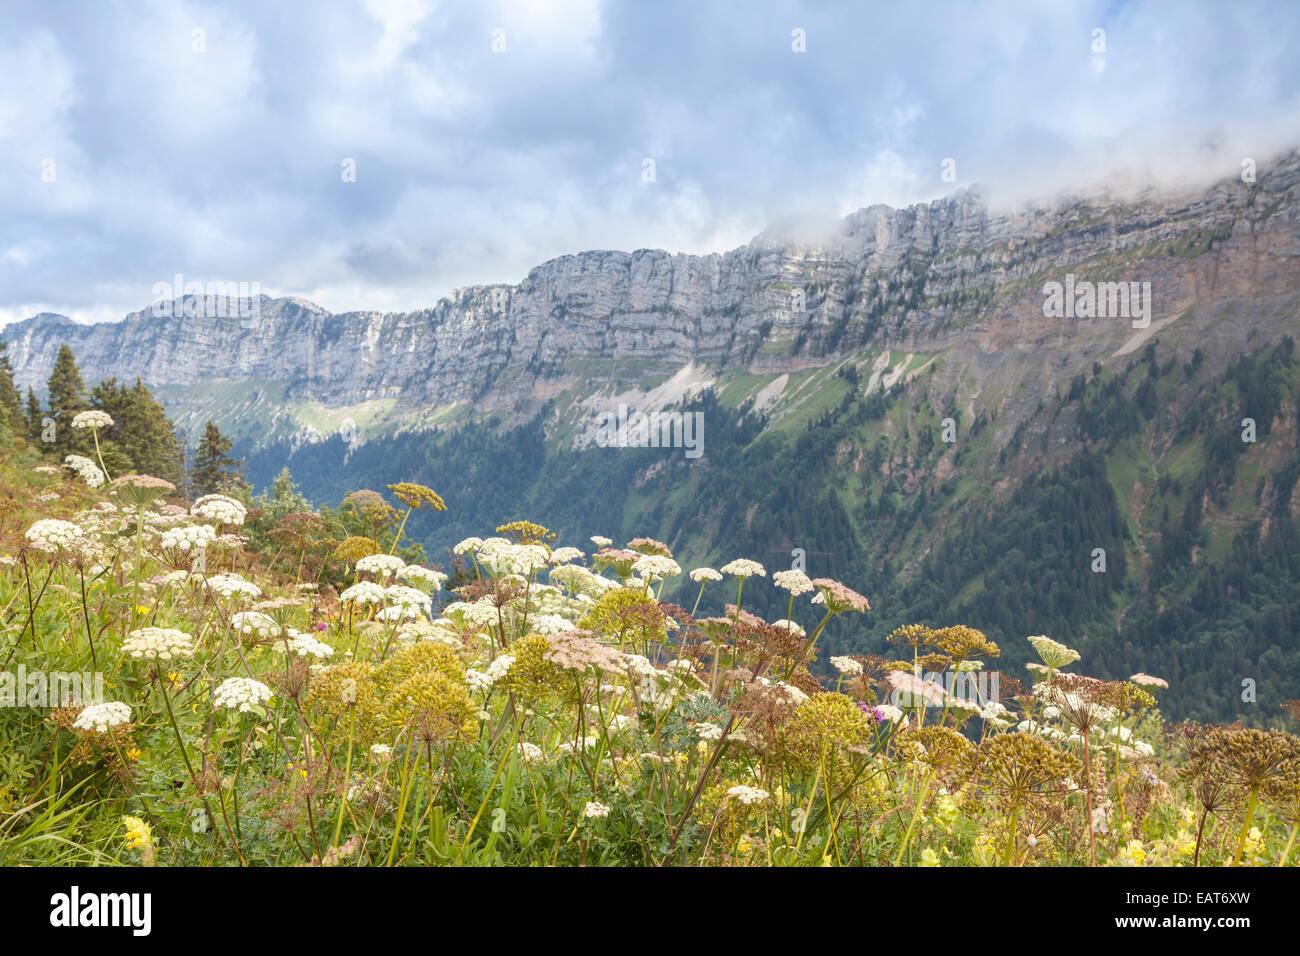 Parc Nature de la Chartreuse, Isere, Rhône-Alpes, France - Stock Image